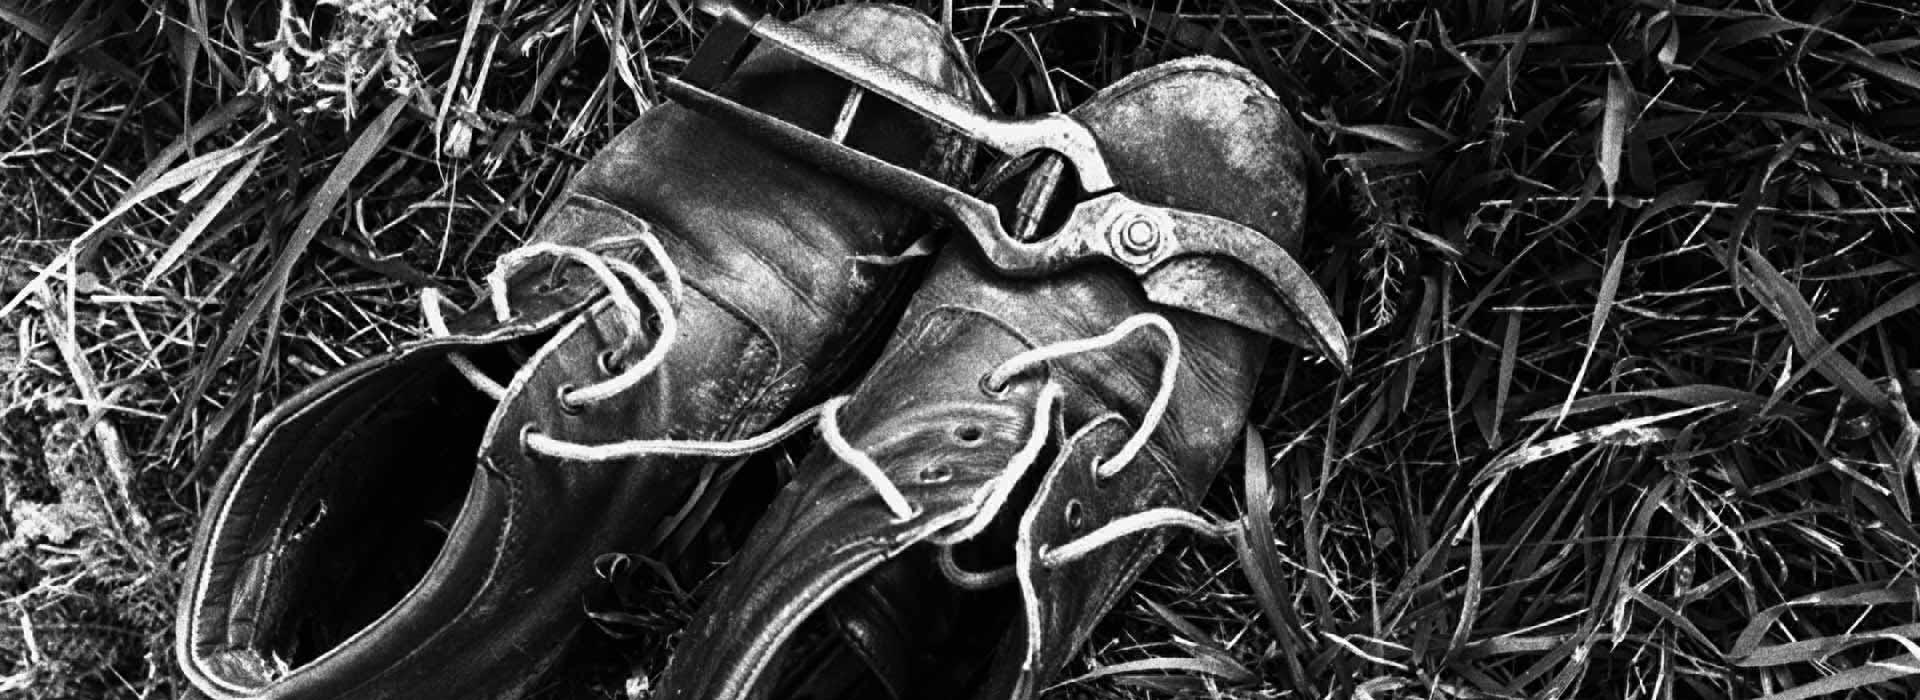 biologico-scarpe